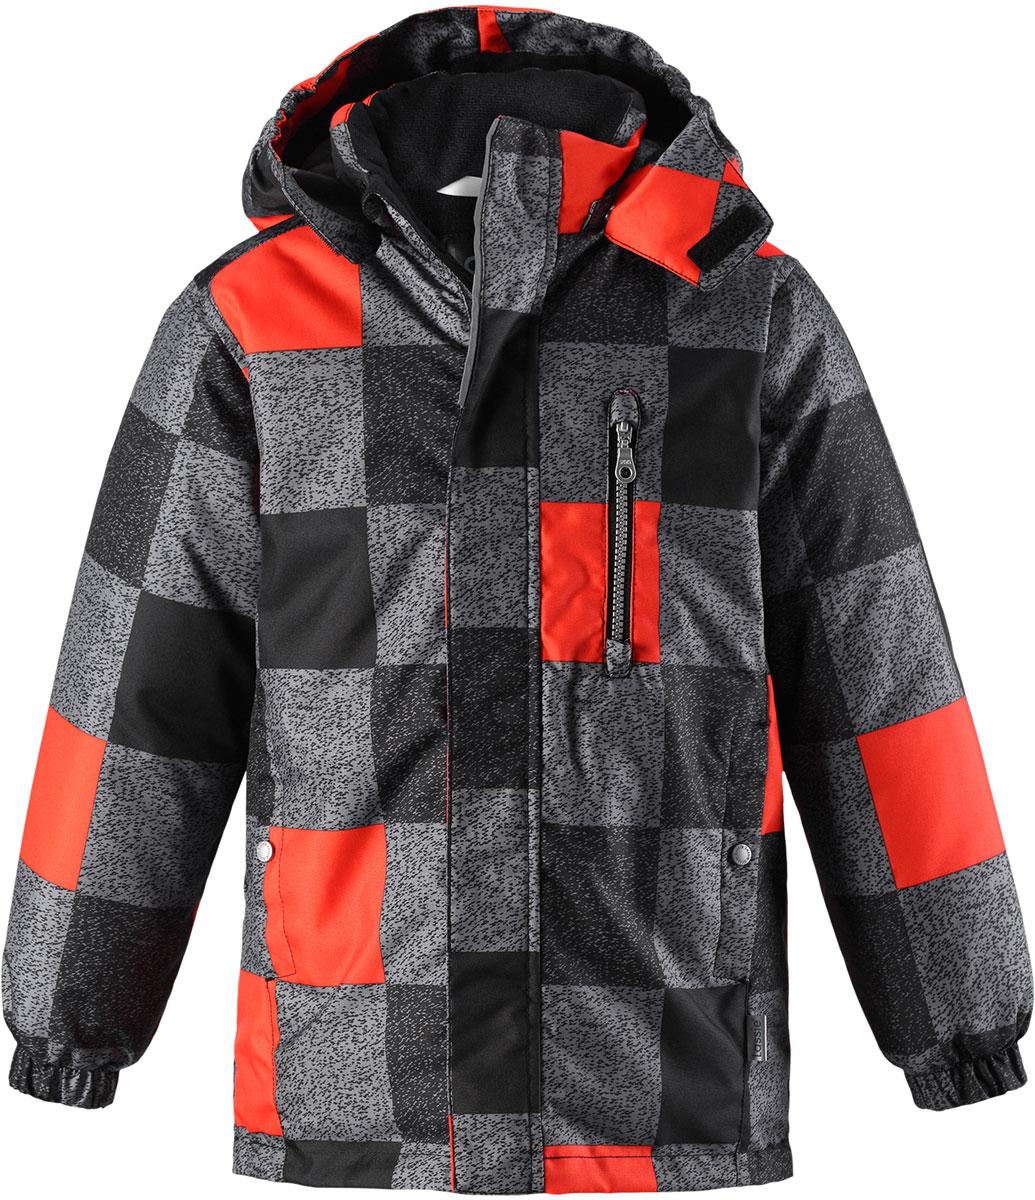 Куртка детская Lassie, цвет: черный, серый, красный. 7217199991. Размер 987217199991Детская куртка Lassie c длинными рукавами, съёмным капюшоном и воротником-стойкой изготовлена из ветронепроницаемого, дышащего материала с верхним водо- и грязеотталкивающим слоем. Подкладка - полиэстер. Наполнитель - синтепон. Модель застегивается на застежку-молнию и имеет ветрозащитный клапан на липучках. Куртка дополнена нагрудным карманом на застежке-молнии и имеет два боковых кармана на кнопках. Рукава оснащены эластичными резинками на манжетах. Изделие оформлено принтом в клетку и дополнено светоотражающим логотипом на спинке.